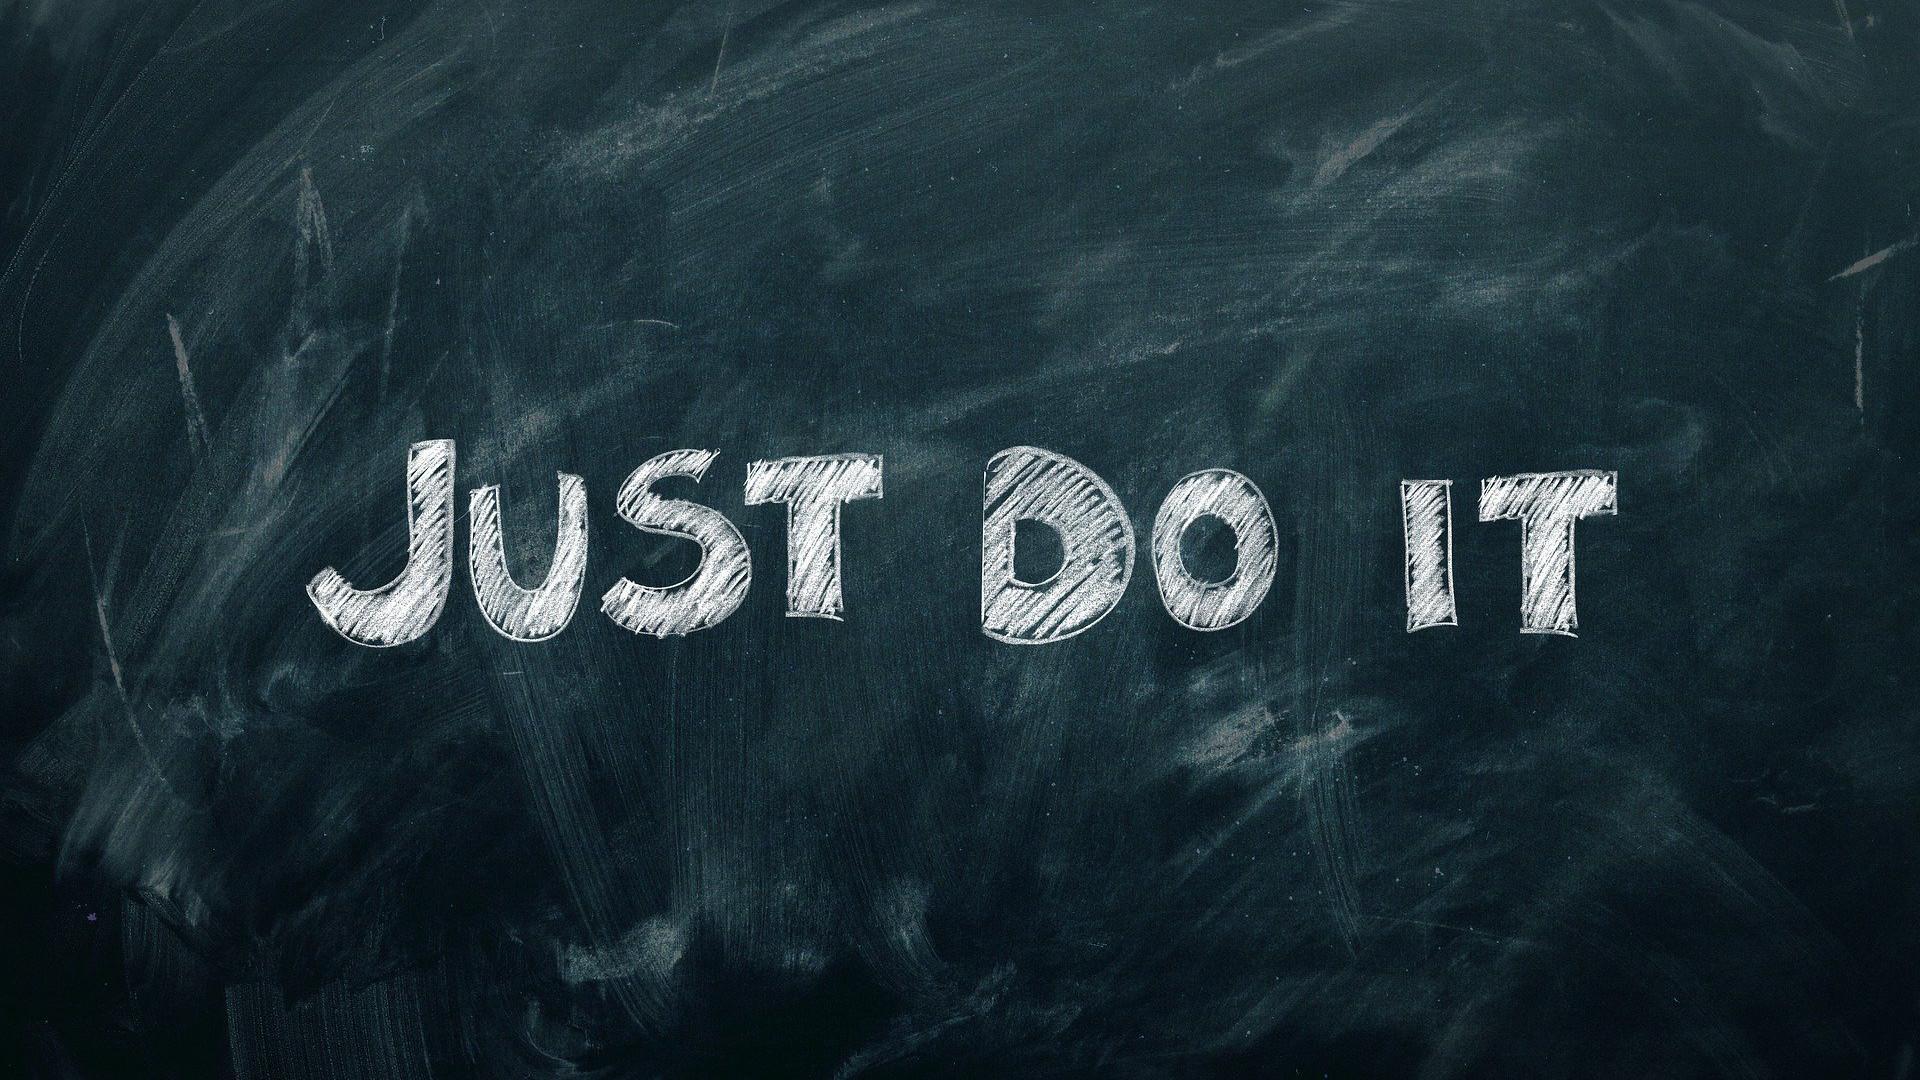 Para de contar com a motivação!